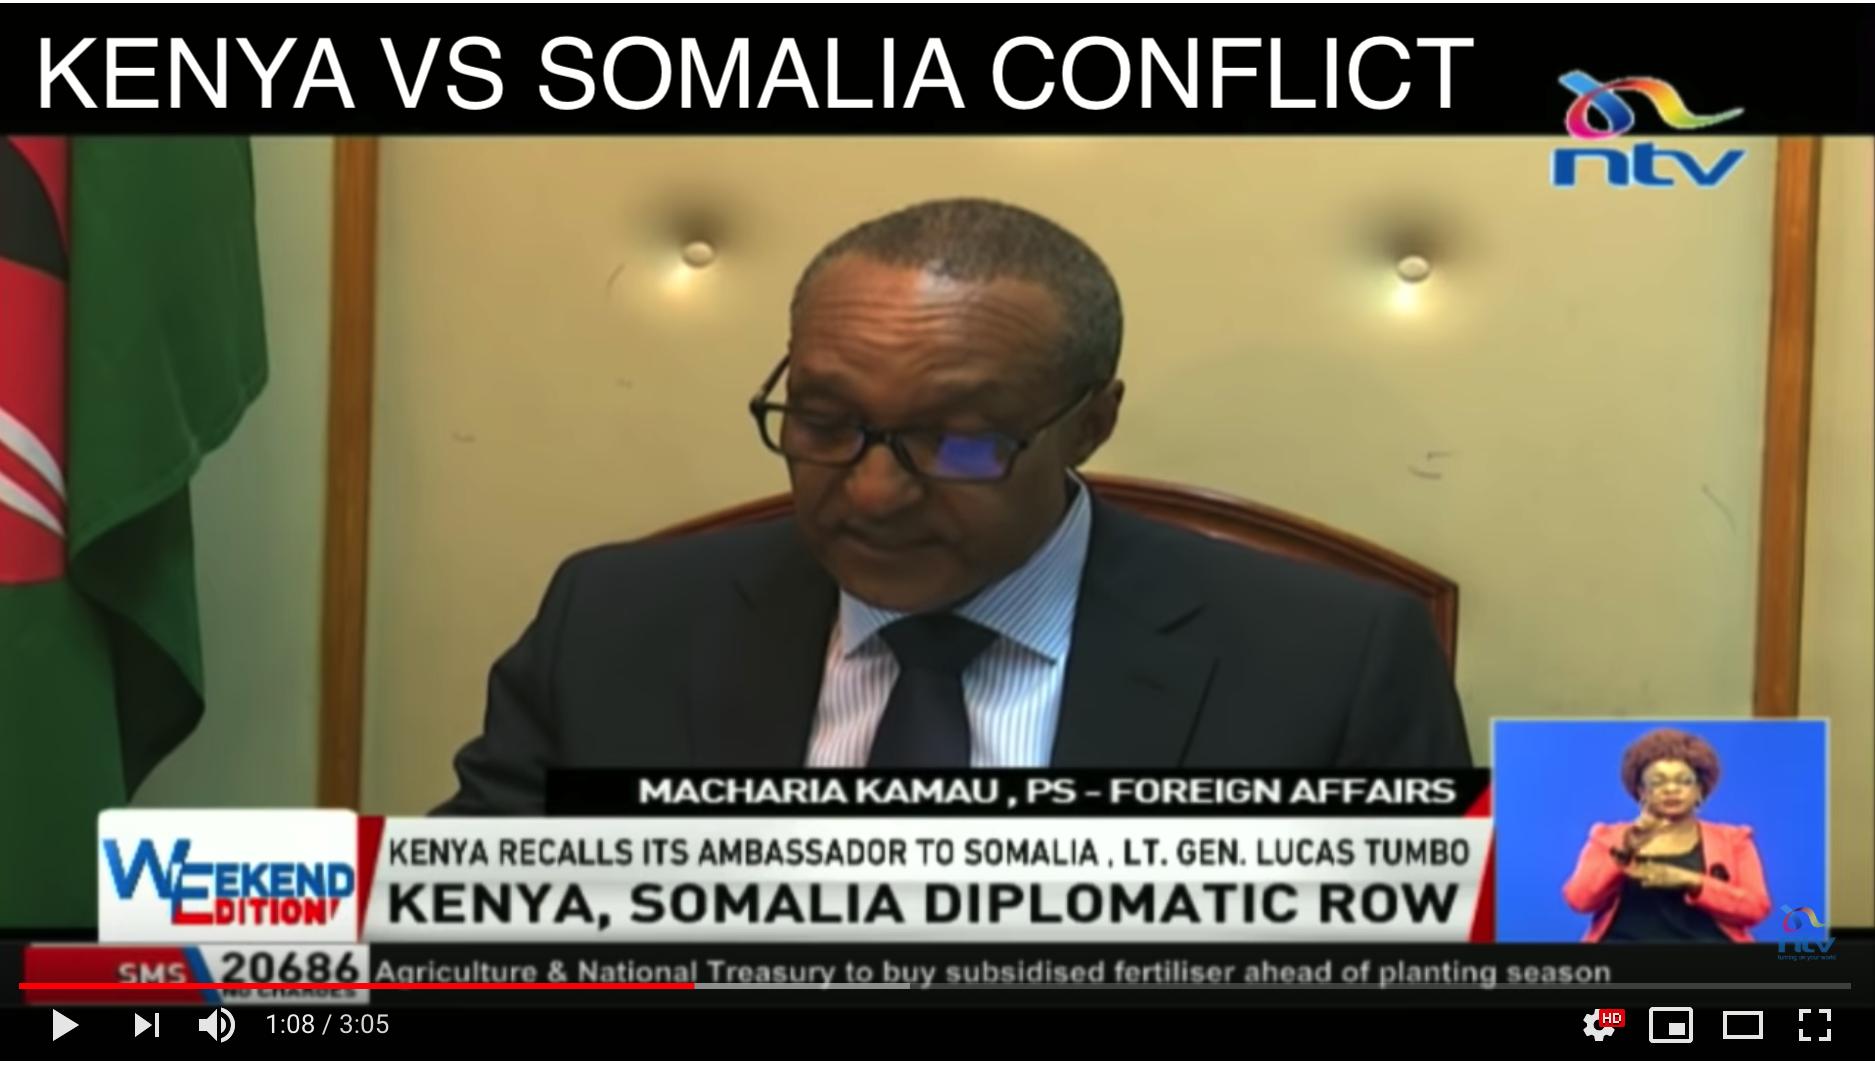 [Daawo] Kenya oo si jees jeesa uga hadashay ceyrintii Safiirka Somalia iyo sababta khilaafka?